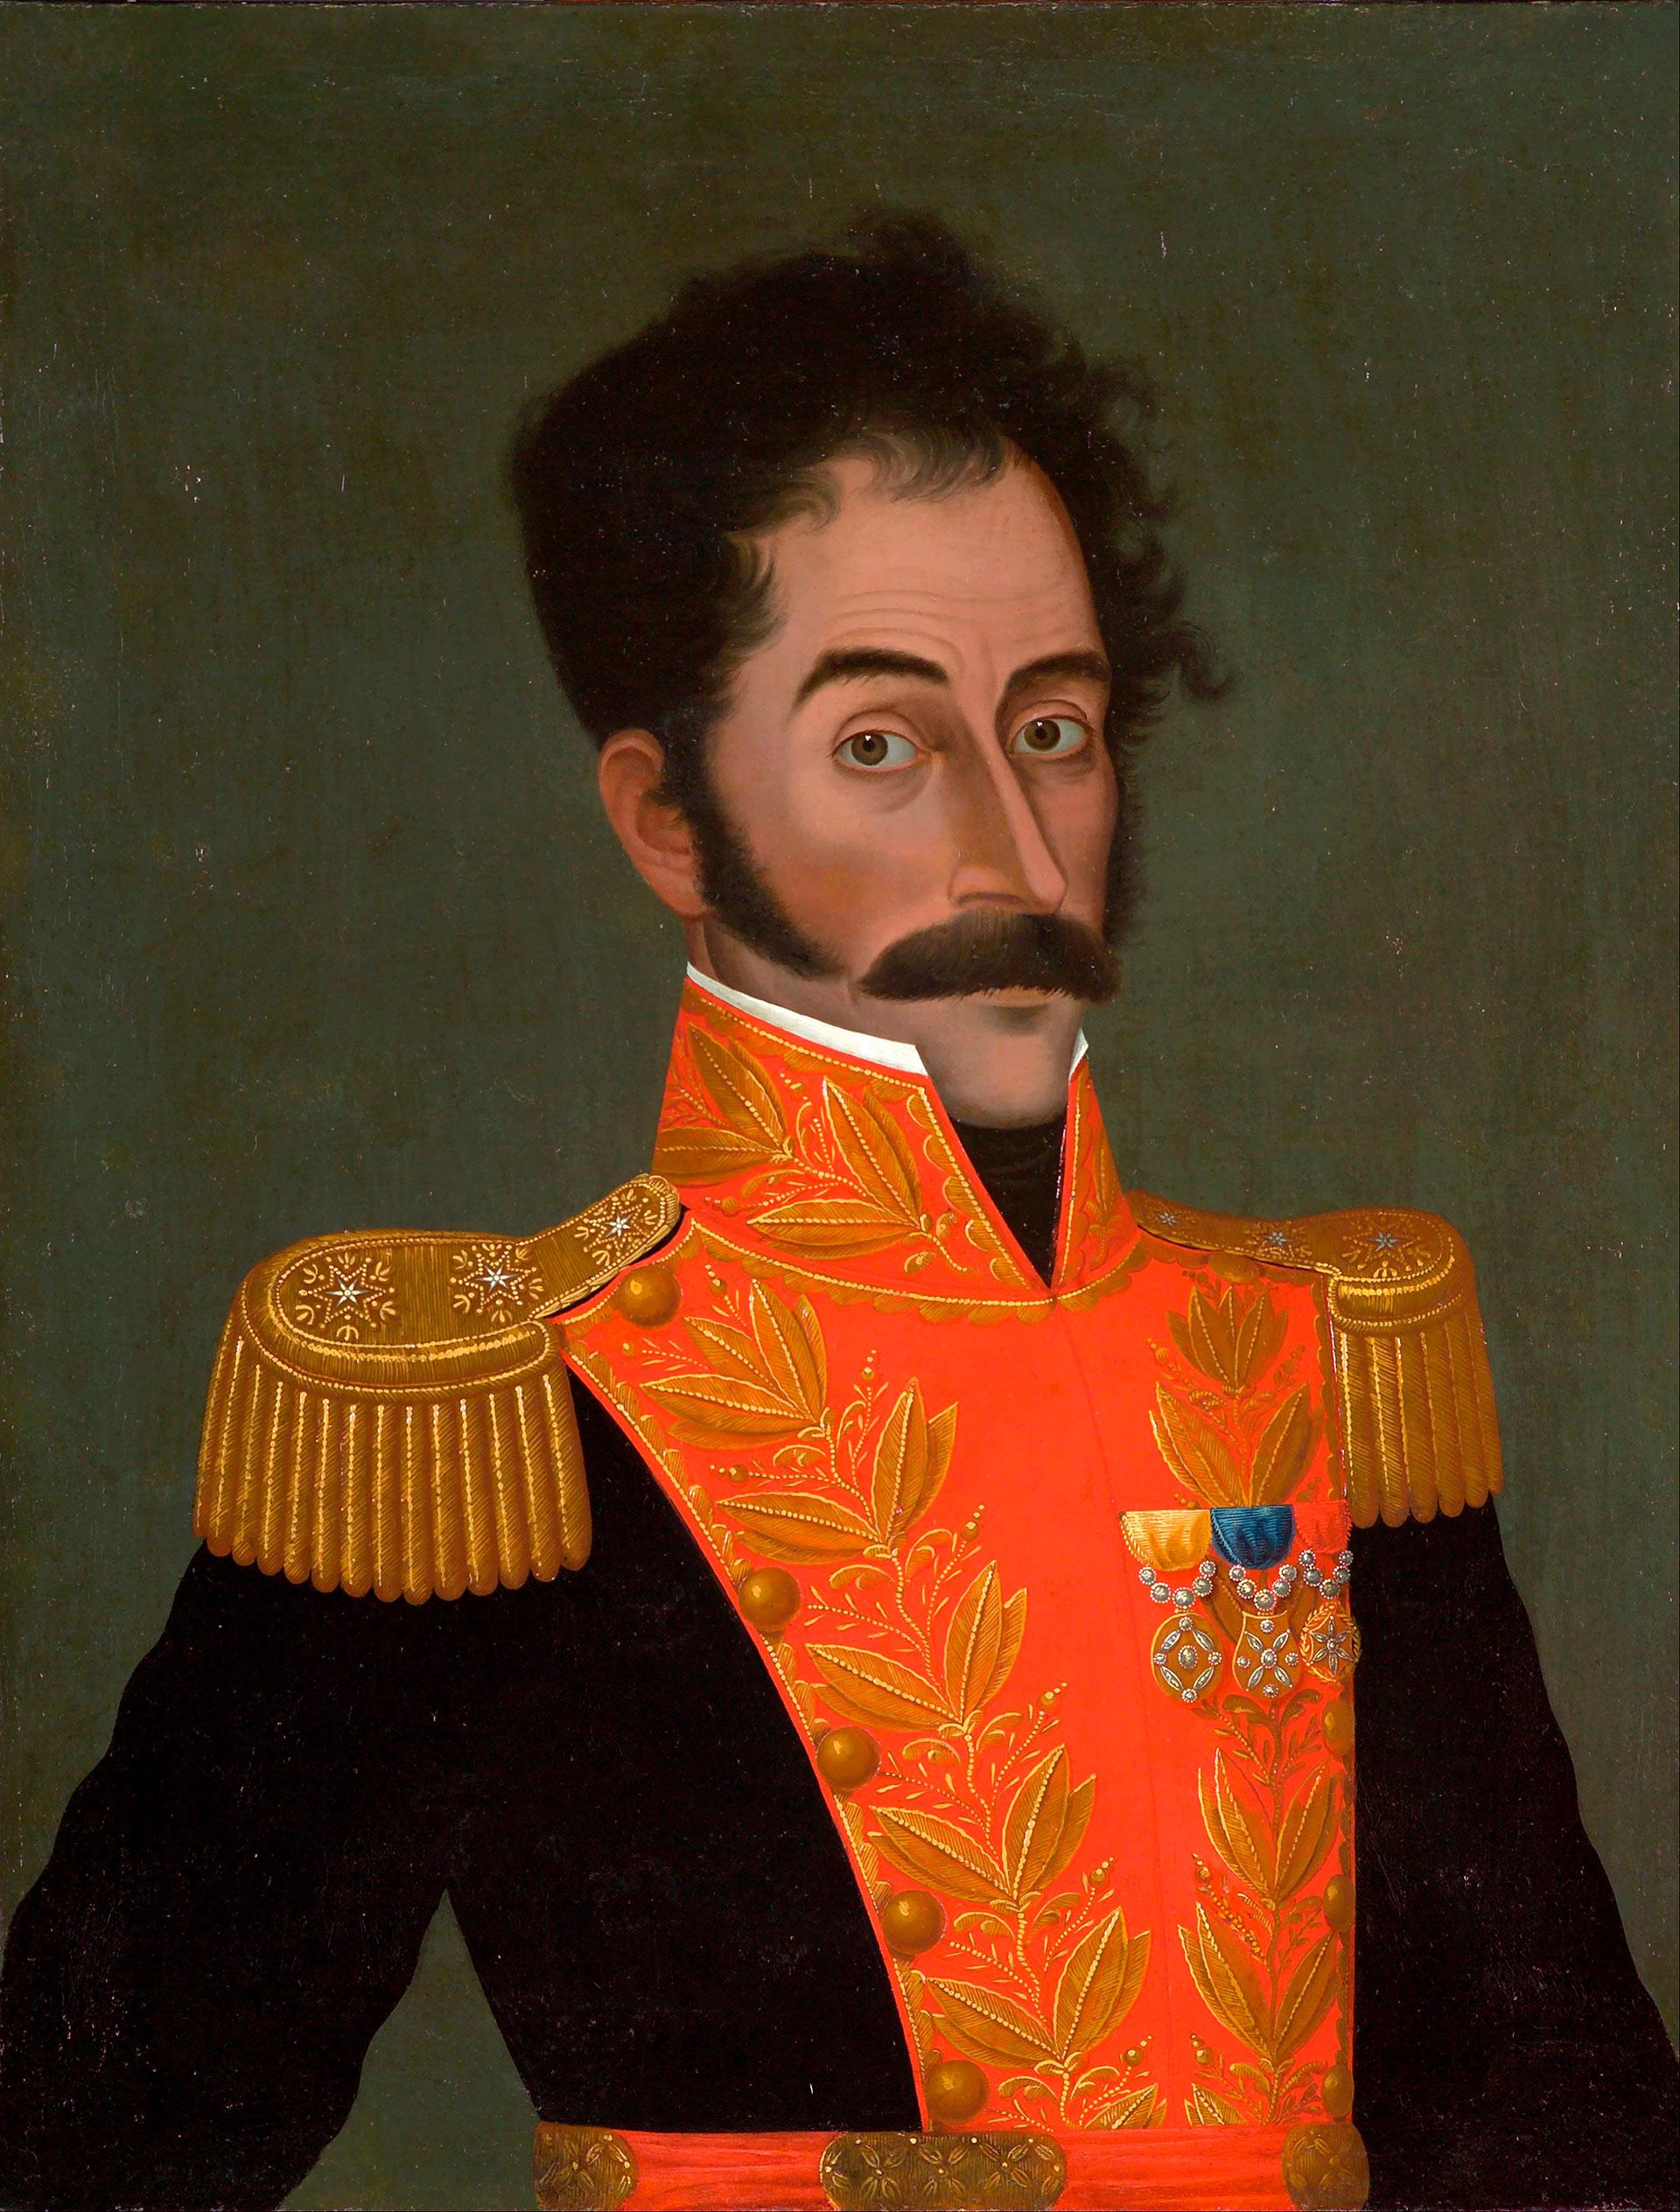 ¿Cómo era realmente Simón Bolívar?